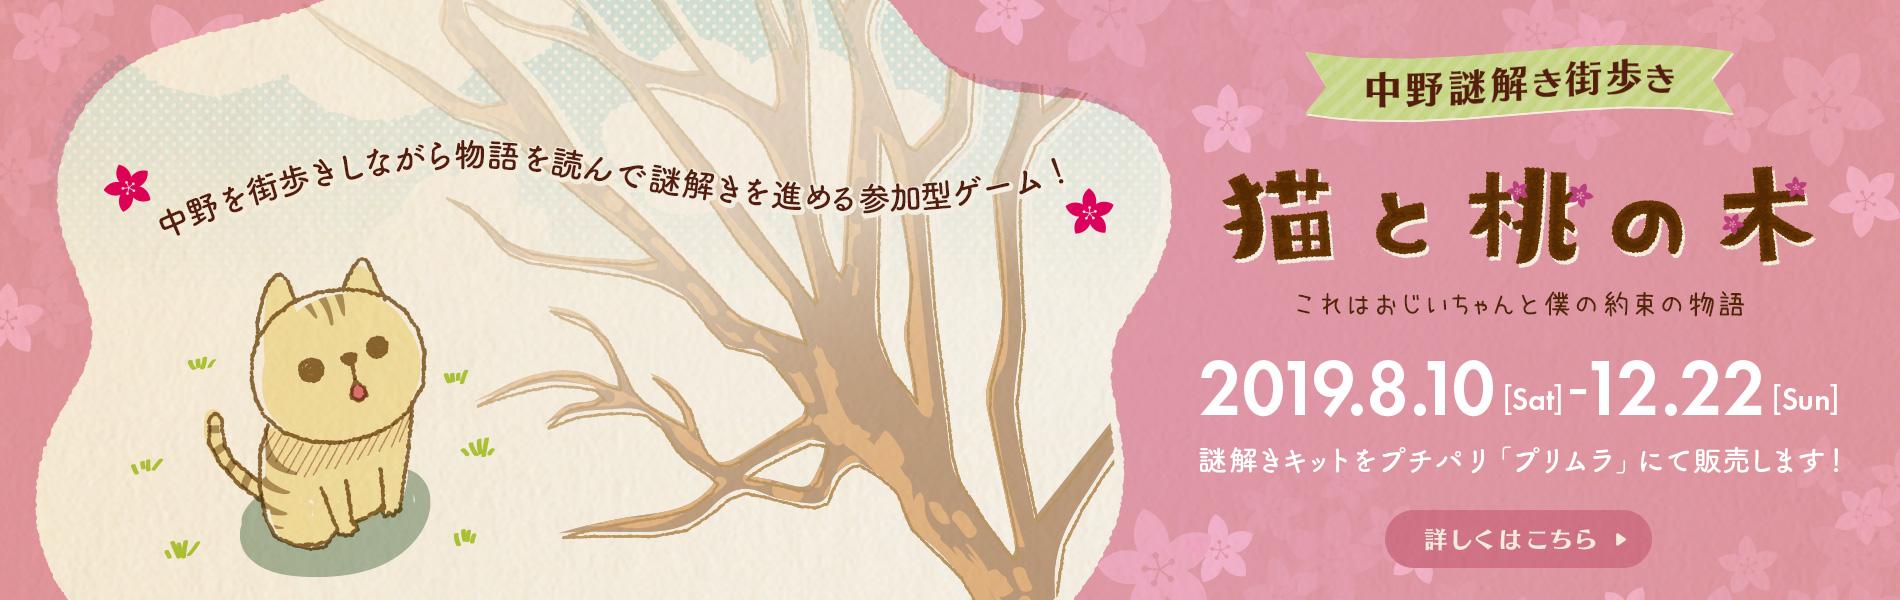 中野謎解きイベント「猫と桃の木」